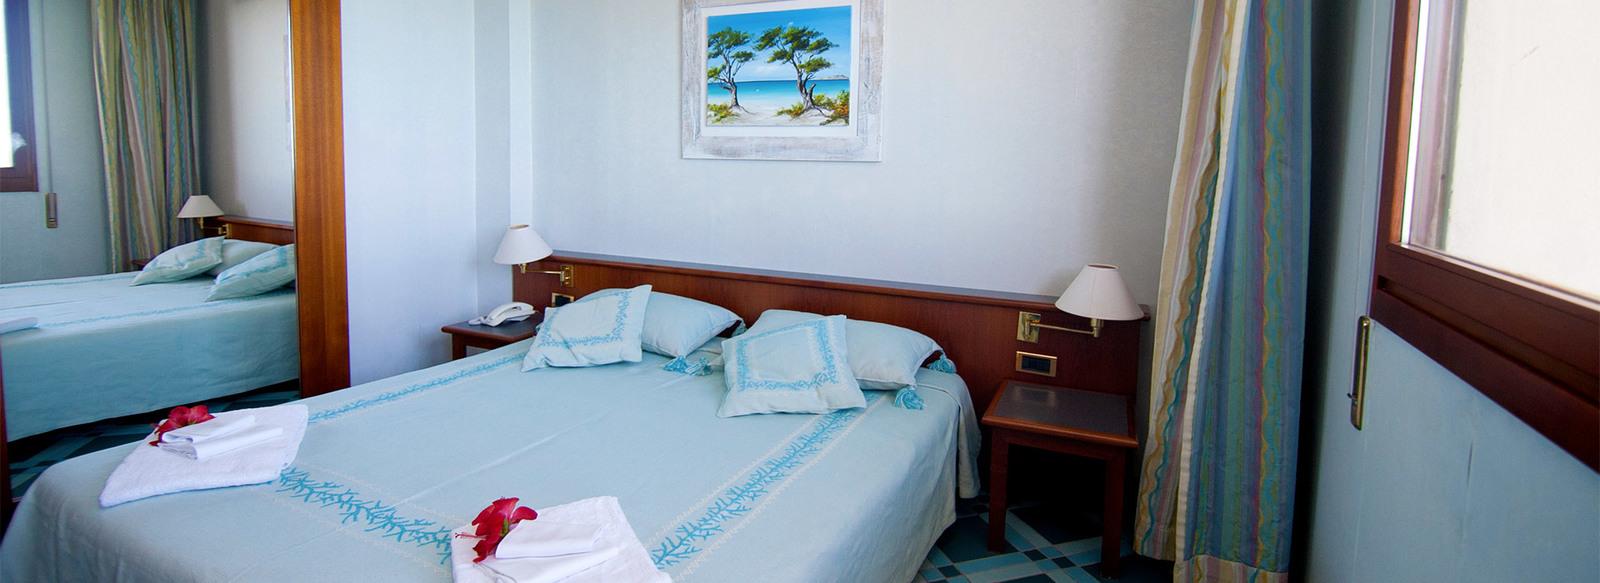 Hotel Village fronte mare con animazione, a 500 metri dalla spiaggia de La Pelosa